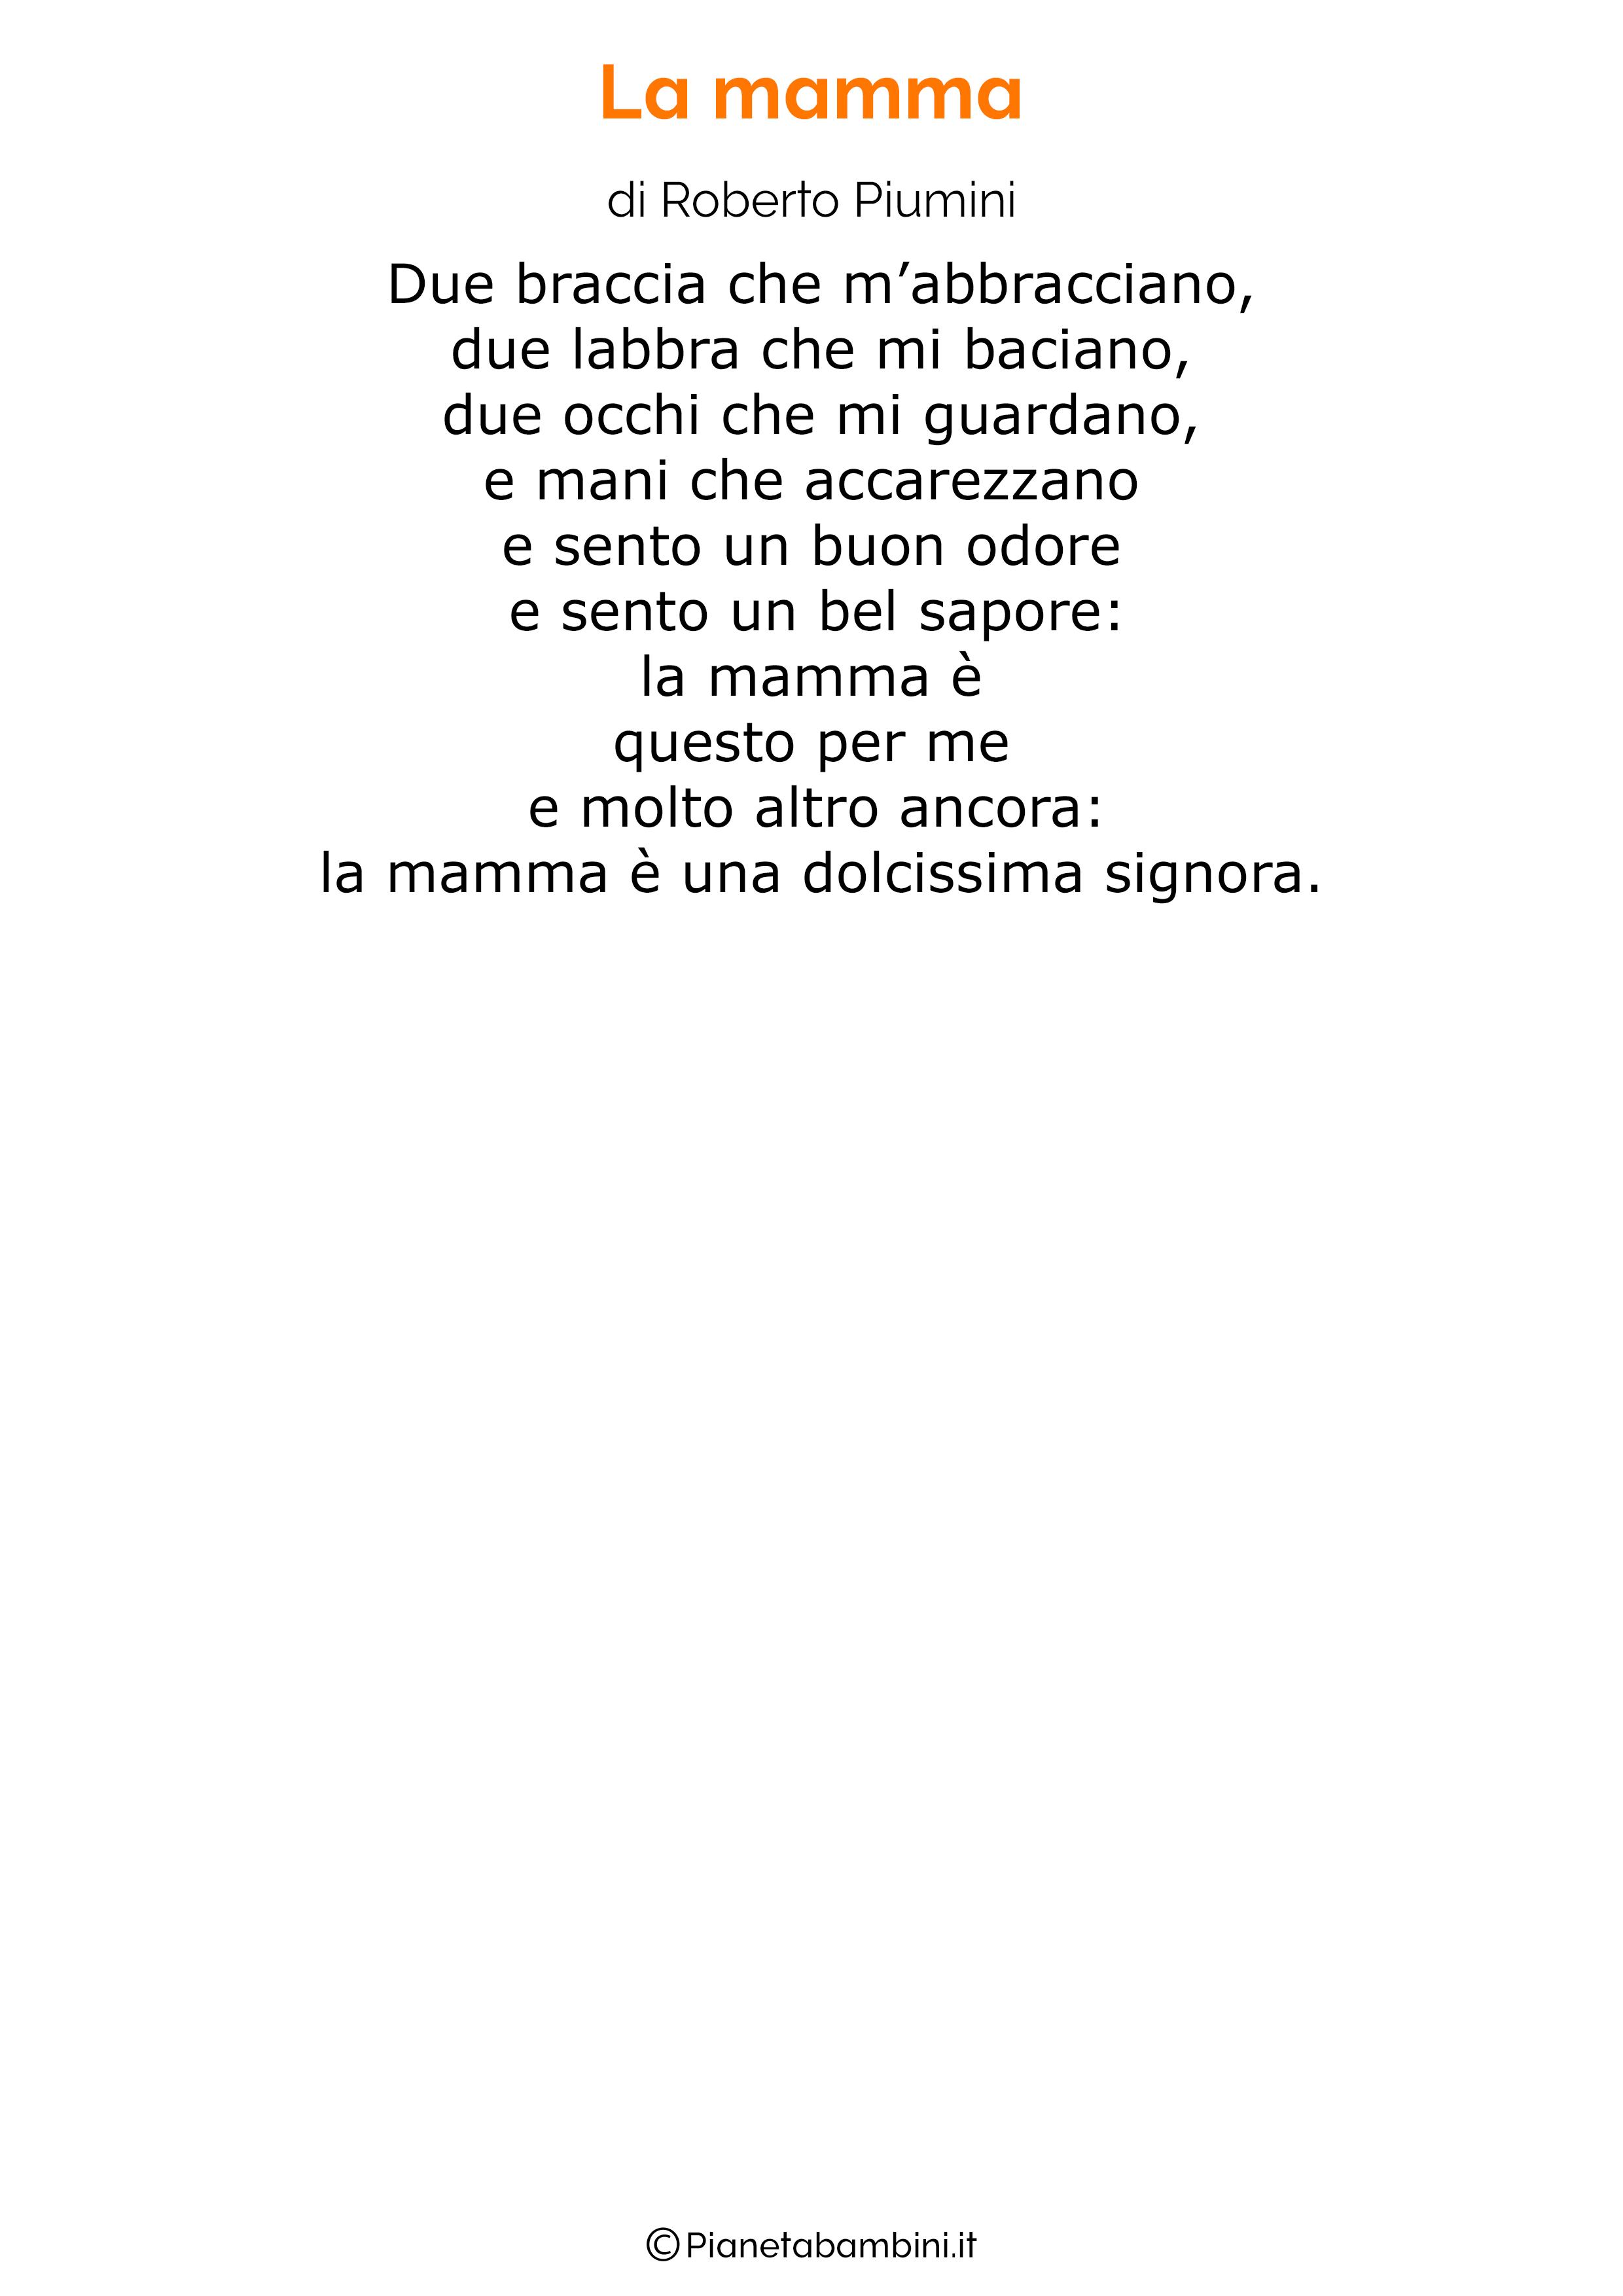 Poesia per la festa della mamma da stampare 29